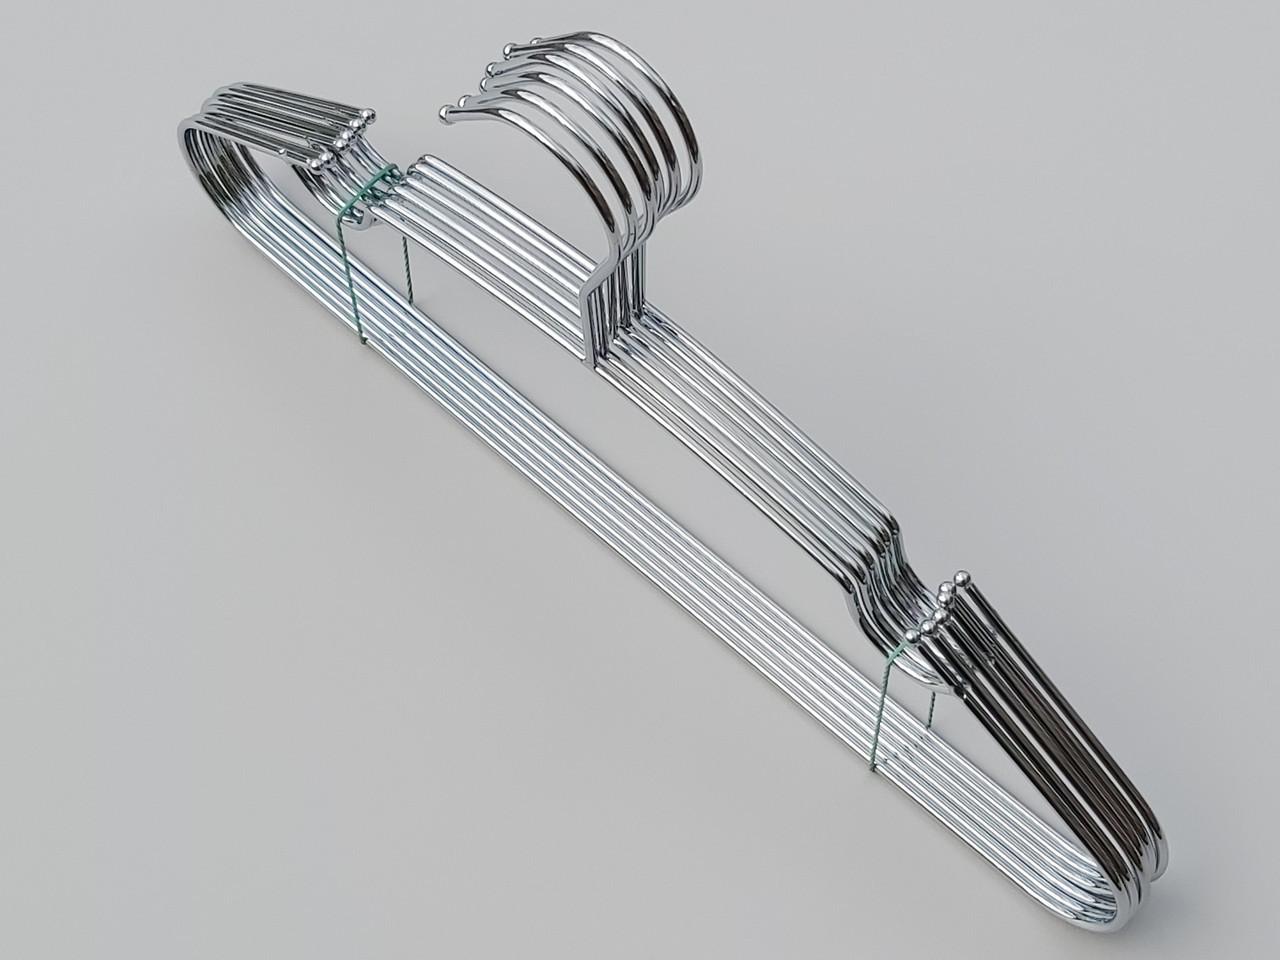 Плечики вешалки тремпеля металлические хромированные  с зацепами, длина 40 см, в упаковке 6 штук